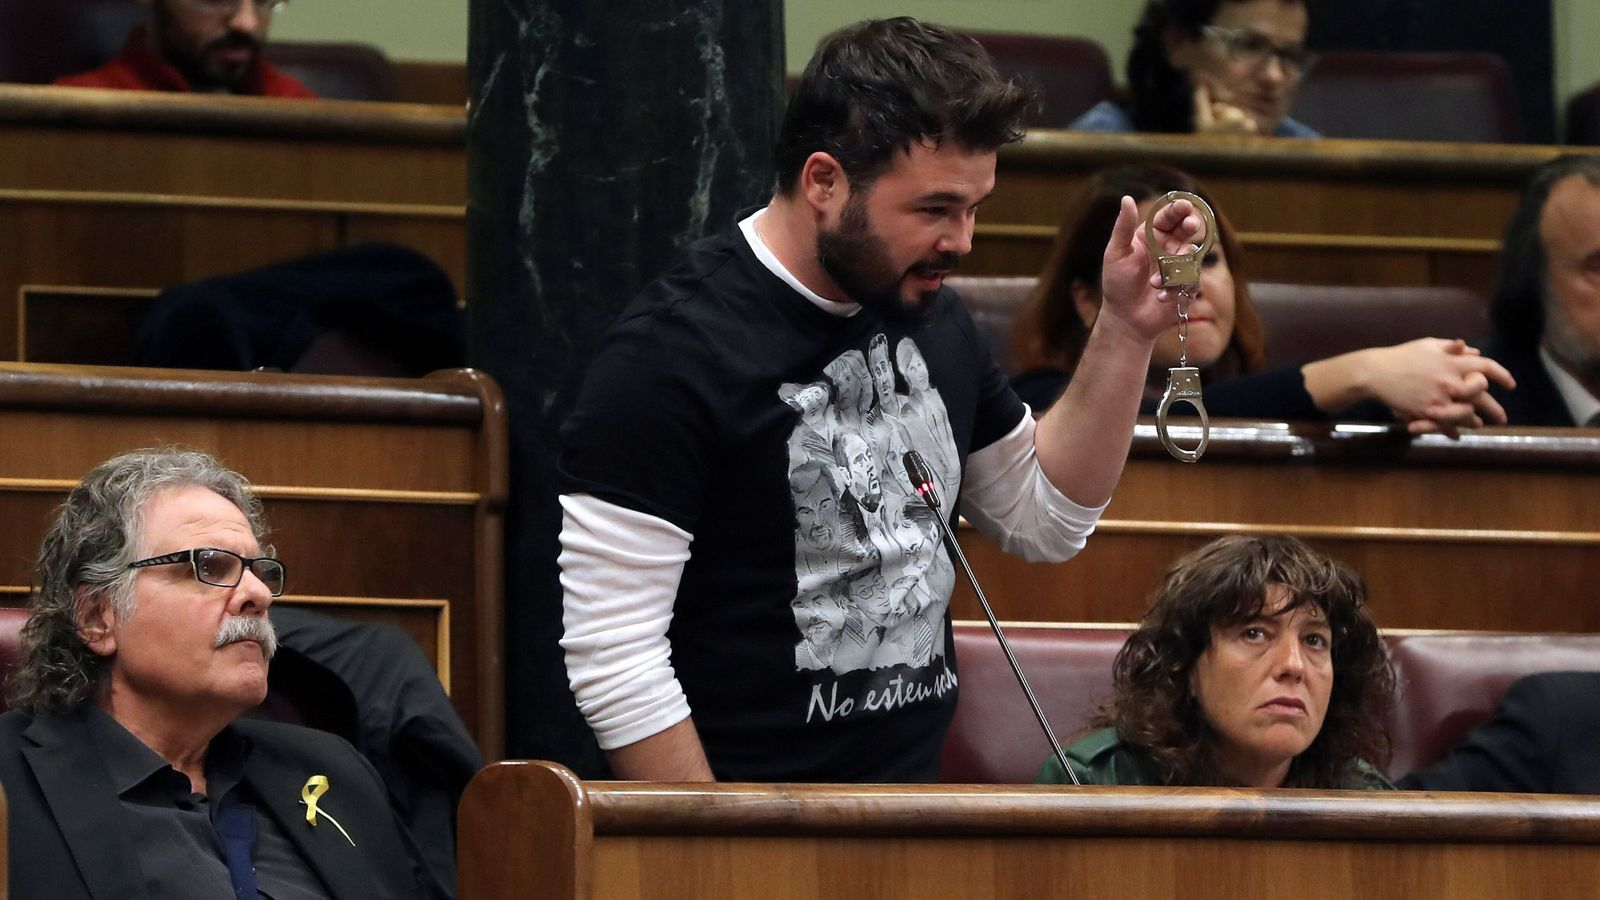 Foto: El diputado de ERC Gabriel Rufián muestra unas esposas en la sesión de control al Gobierno. (EFE)